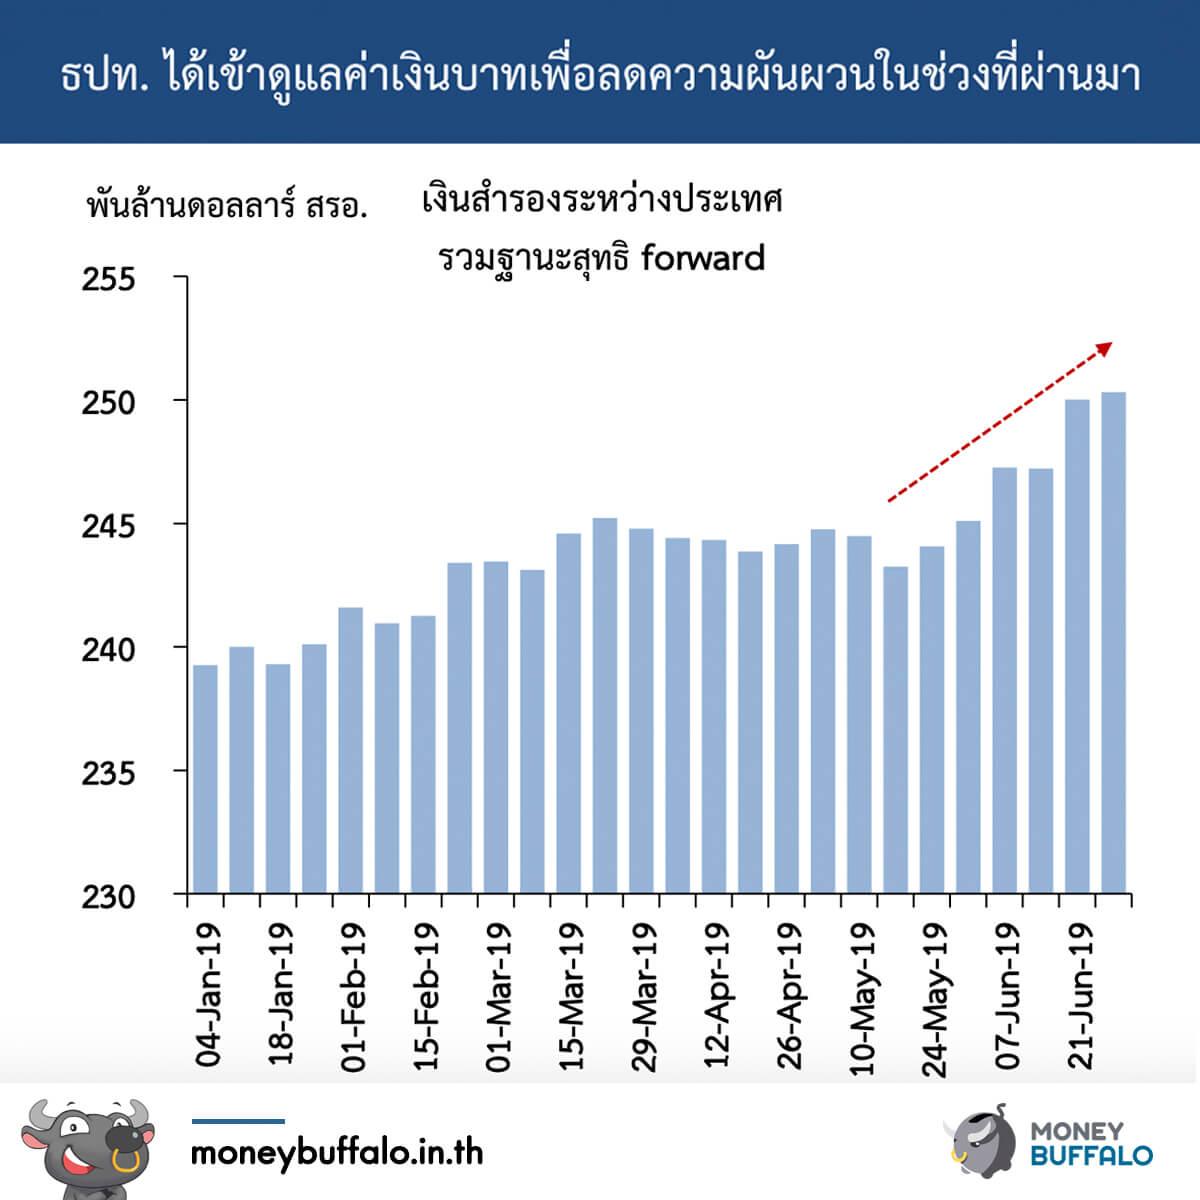 สหรัฐฯจับตามองไทย เพราะแบงก์ชาติแทรกแซงค่าเงิน